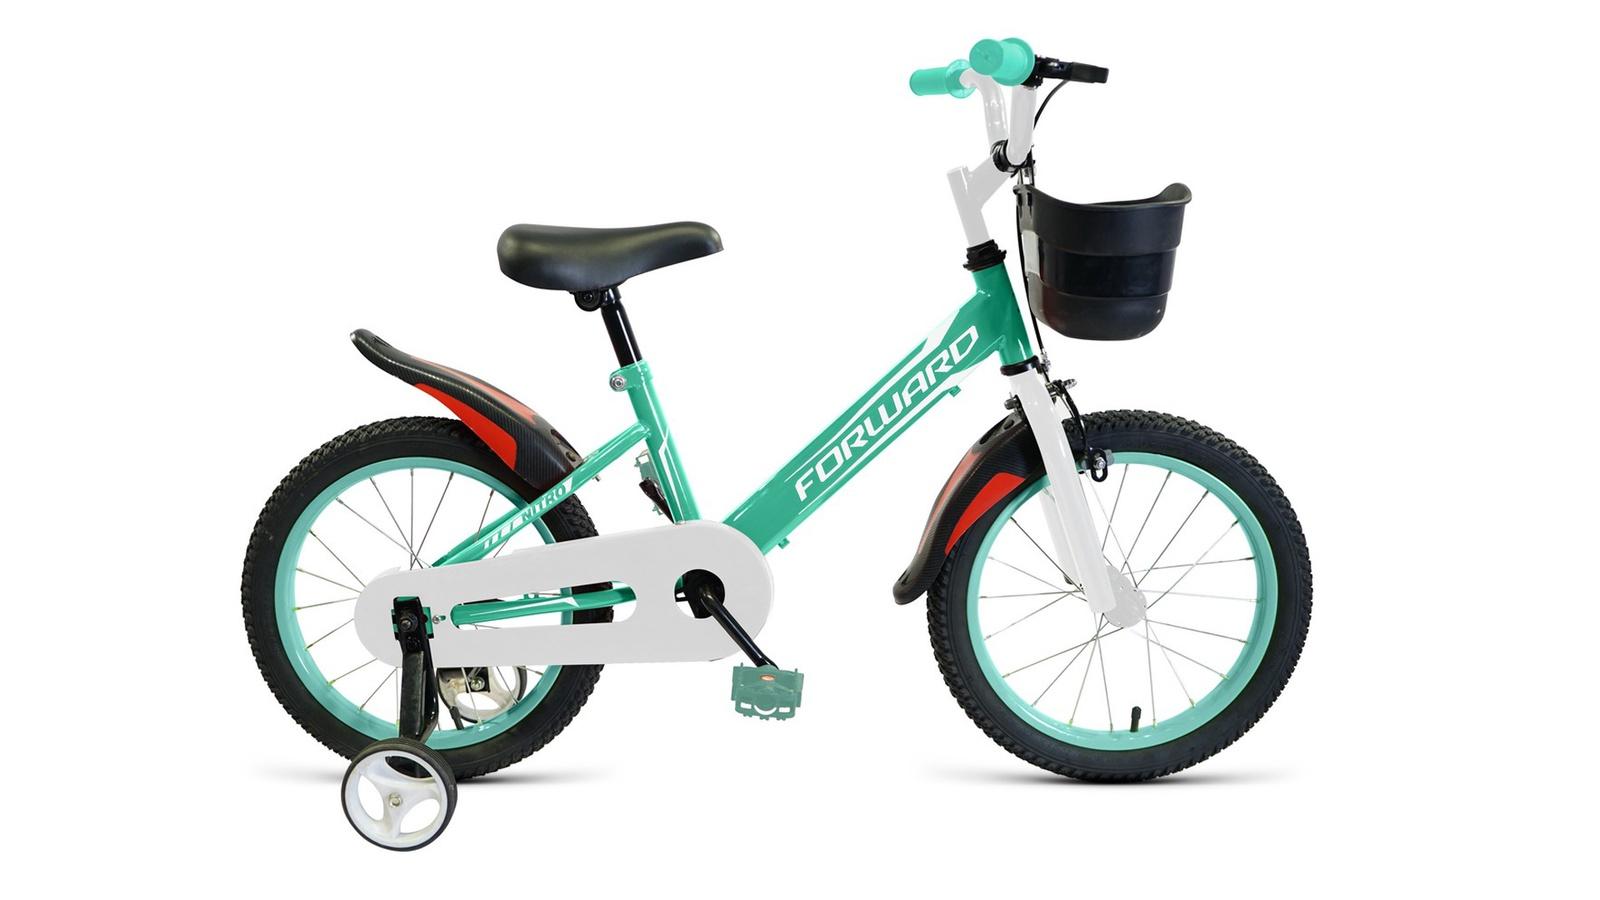 Велосипед Forward Nitro 18 2019 бирюзовый велосипед forward nitro 14 2019